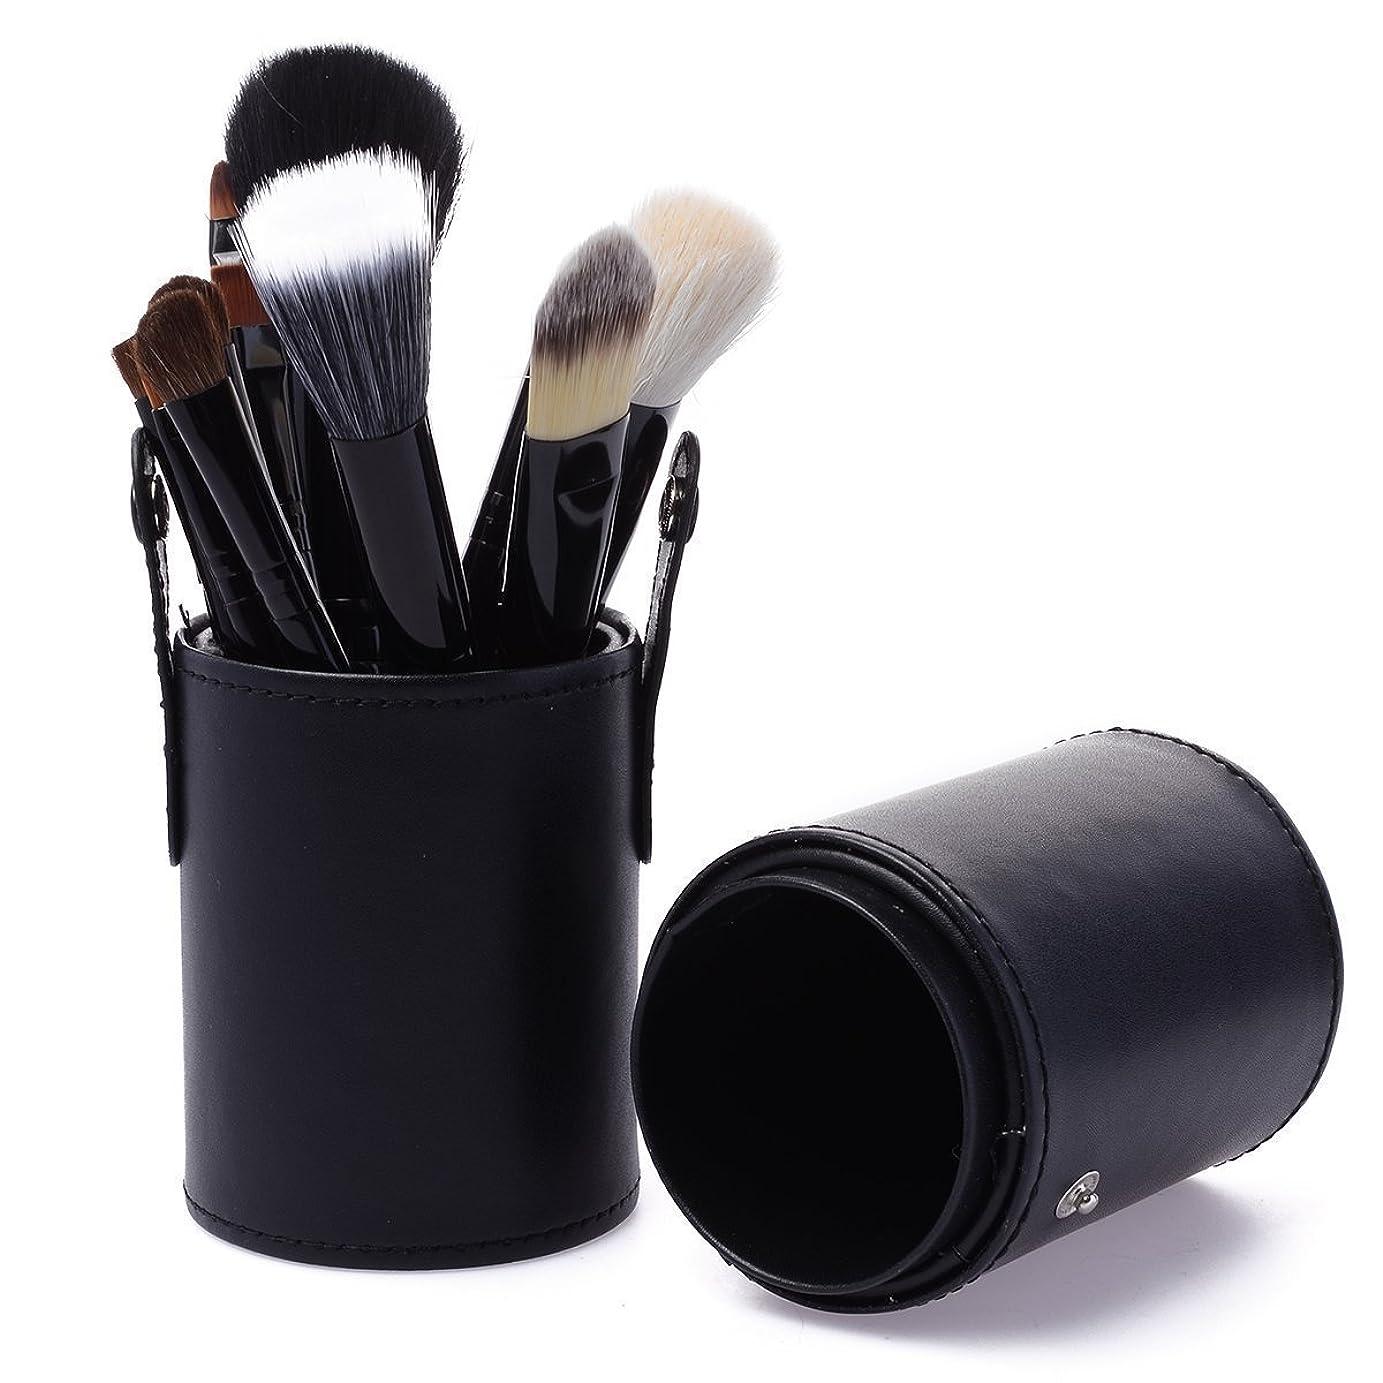 プラカード突然攻撃的KanCai プロのメイクブラシ 化粧筆12本セット コスメ ブラシ お肌に柔らかい メイクブラシセット 筒型収納ケ (ブラック)